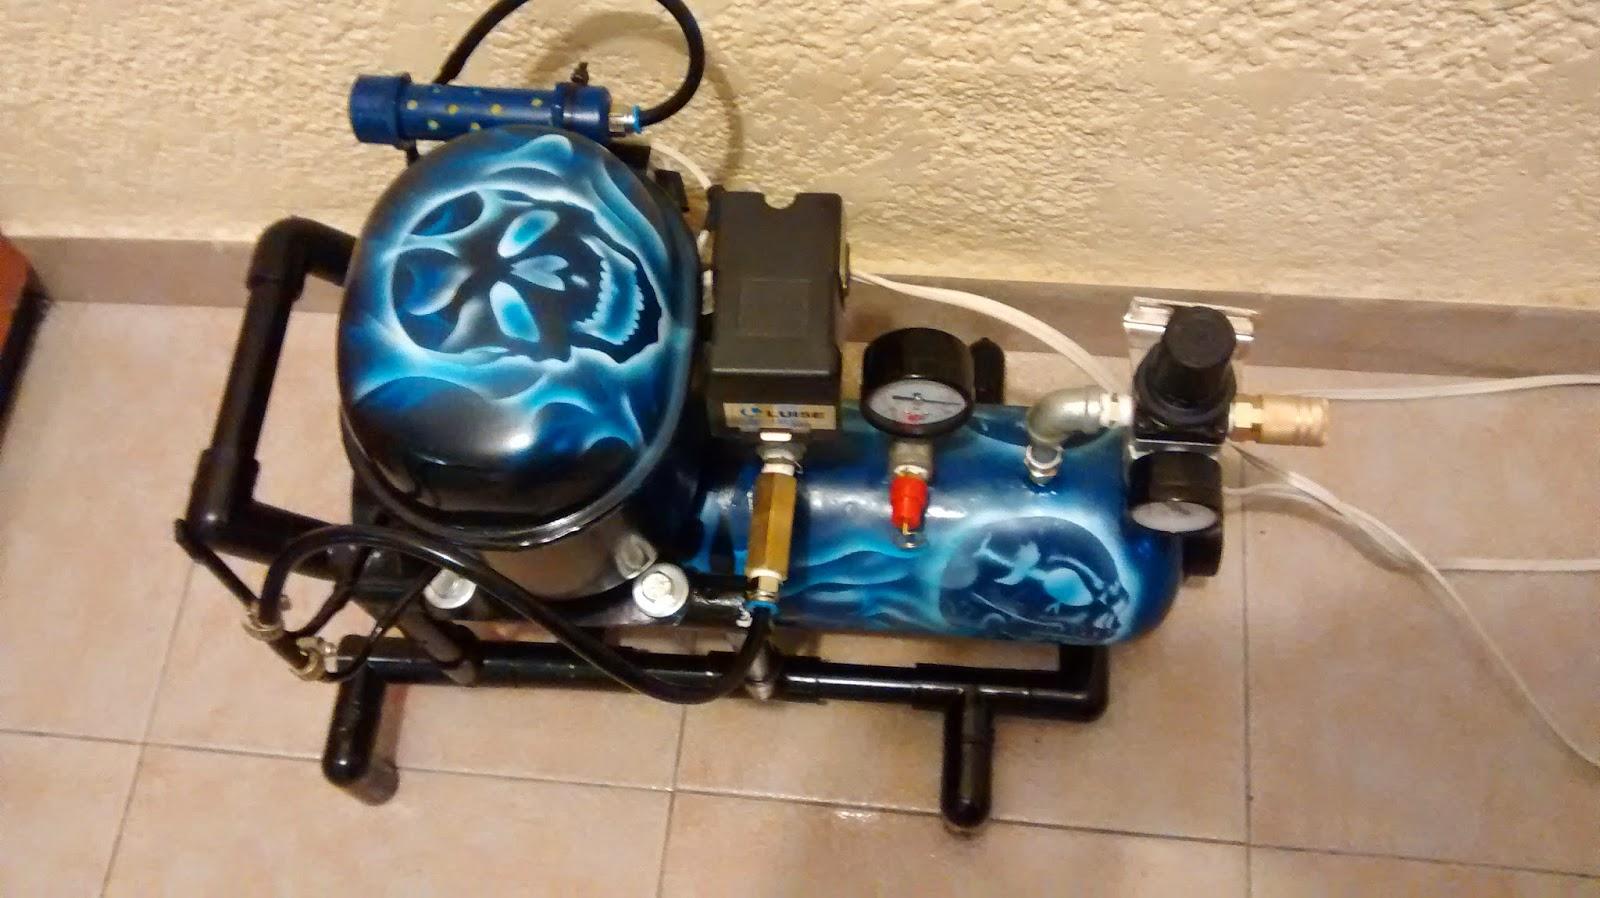 Galeria arte y dise o madekids mini compresor for Compresor de aire silencioso